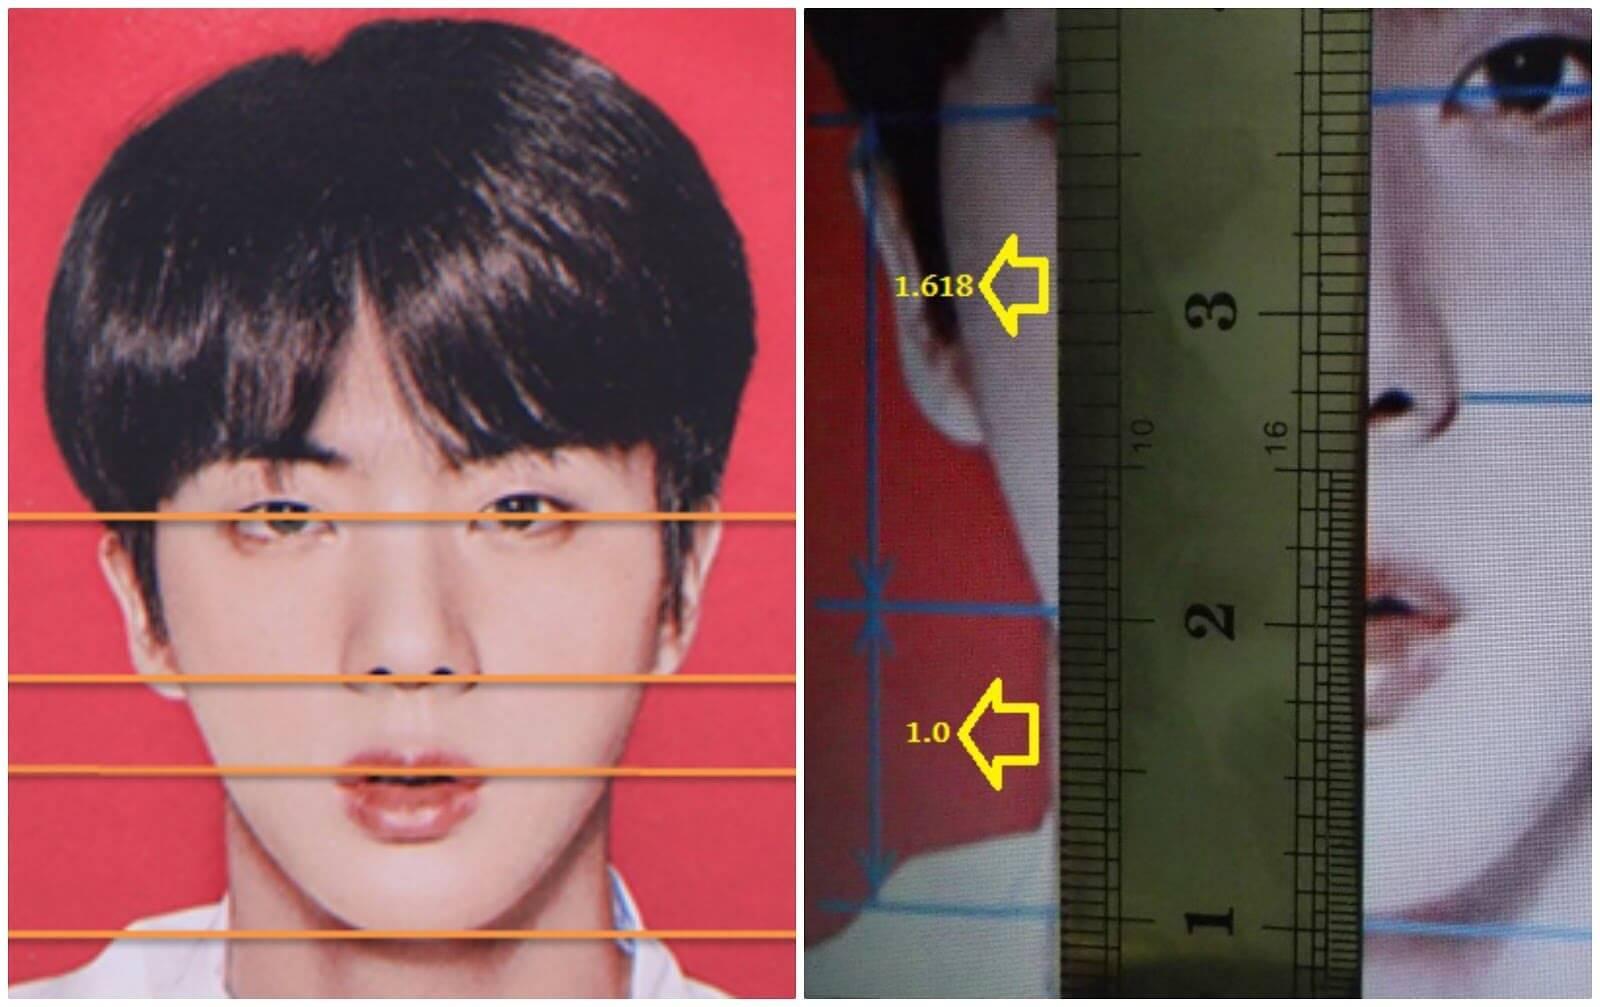 lewat perhitungan matematika ternyata idol kpop ini